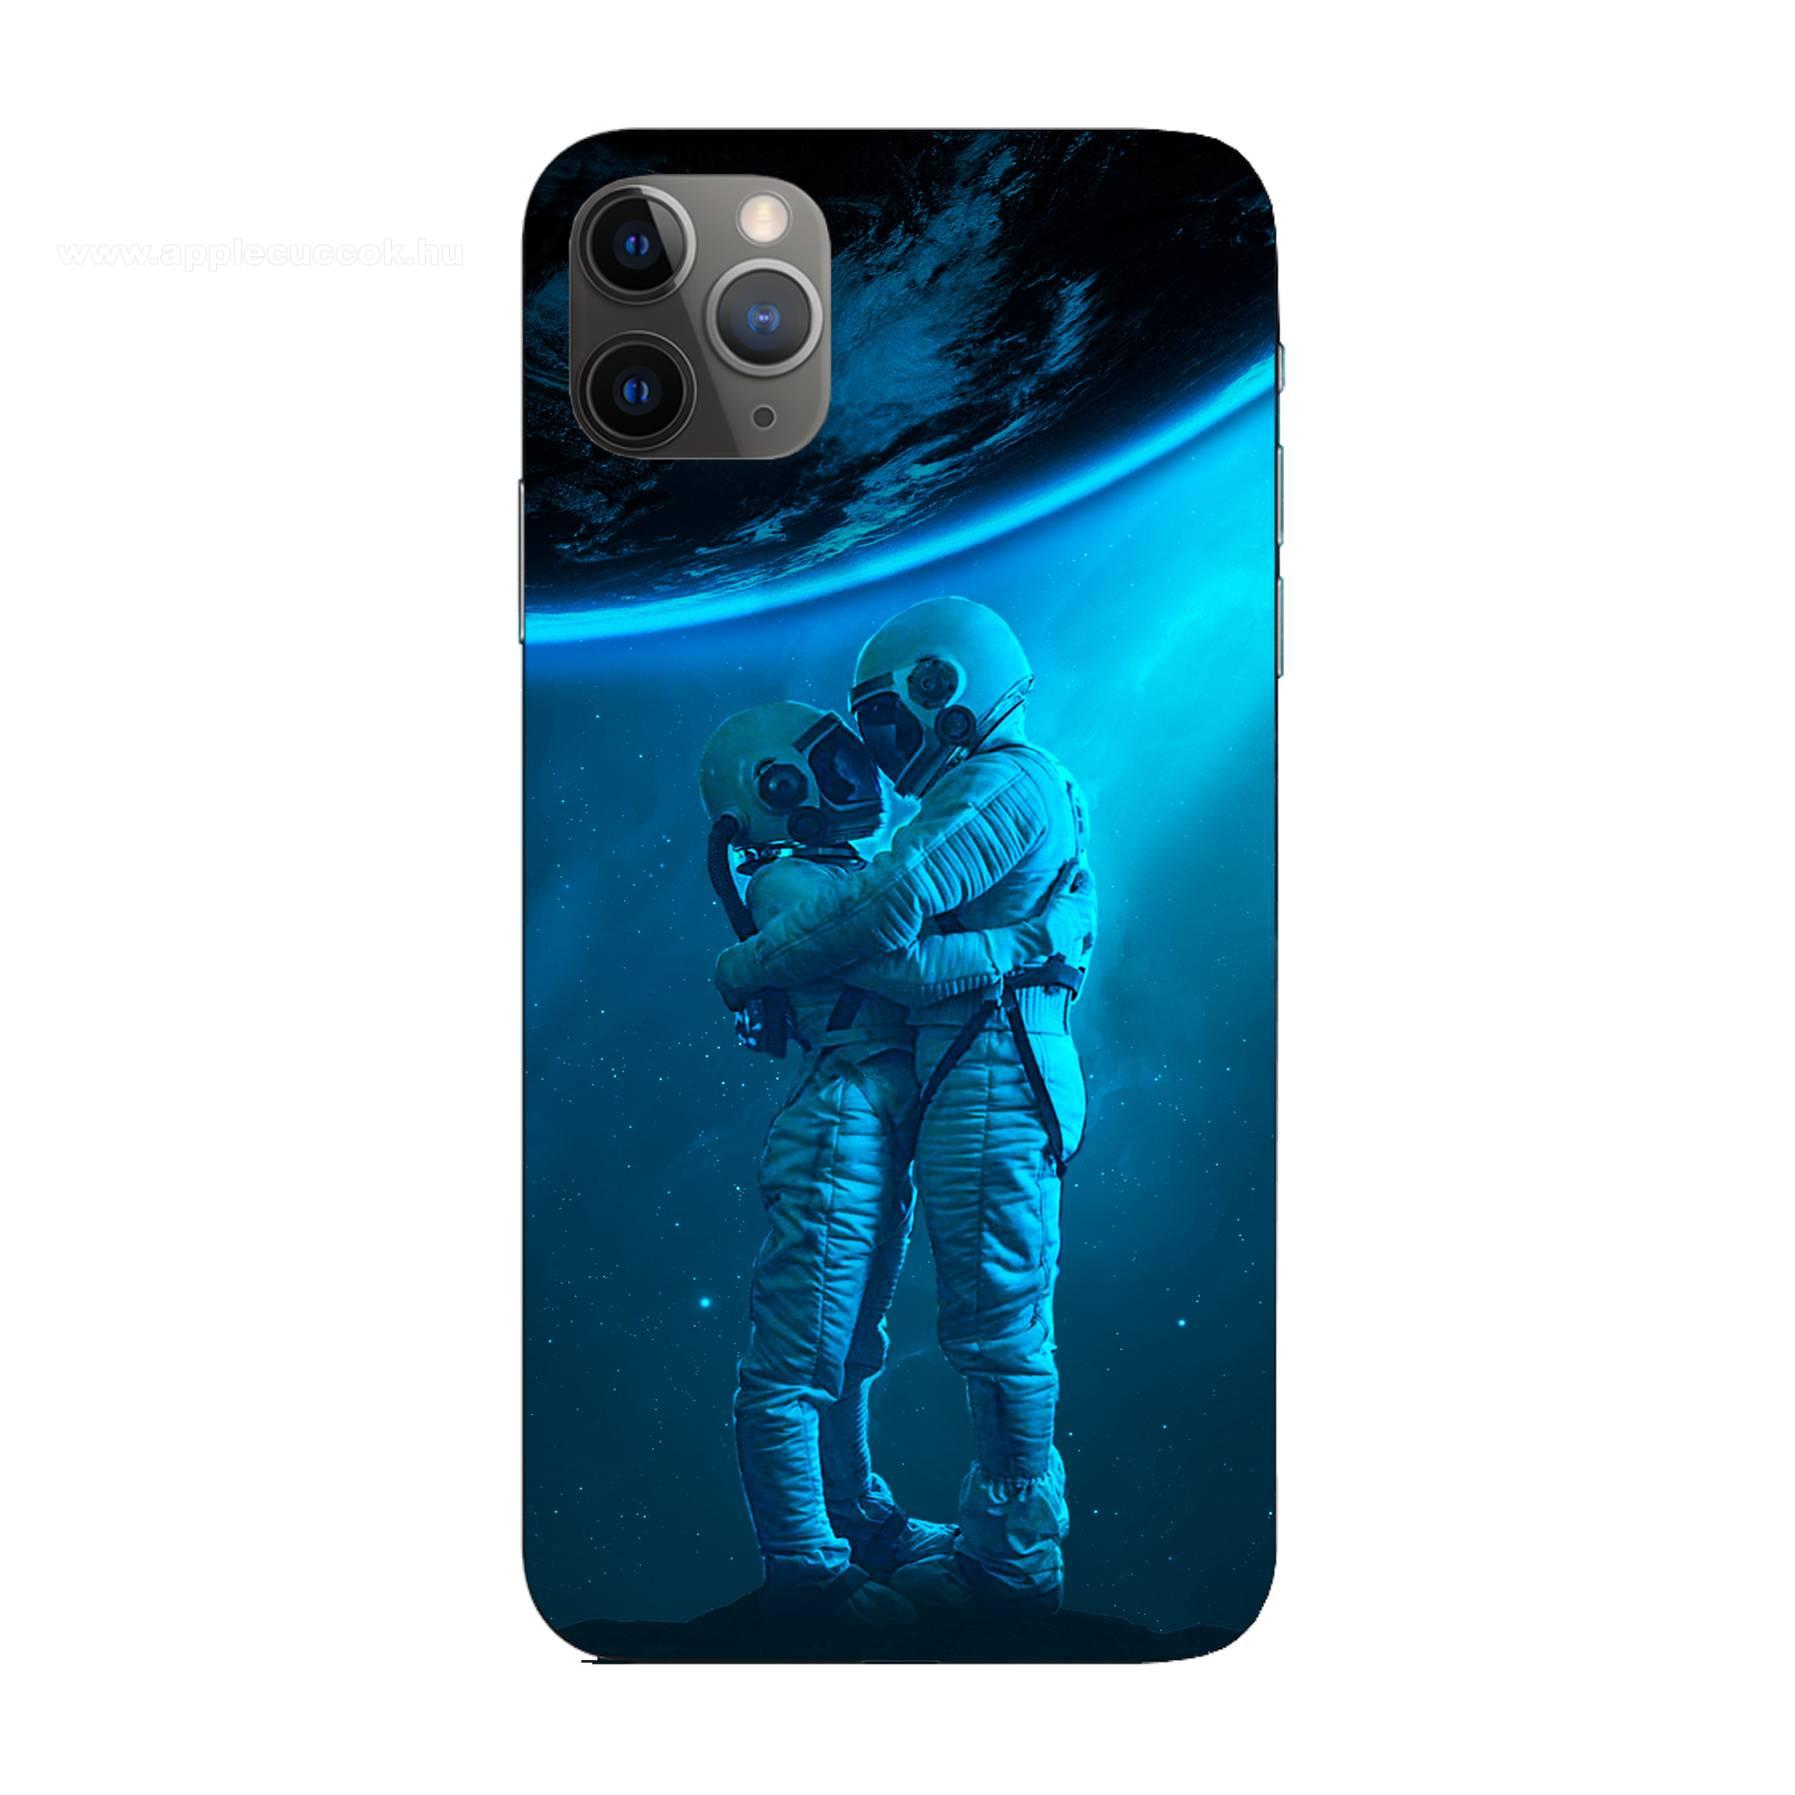 E-pic szilikon védő tok / hátlap - Szerelmes űrhajós pár mintás - Apple iPhone 11 Pro